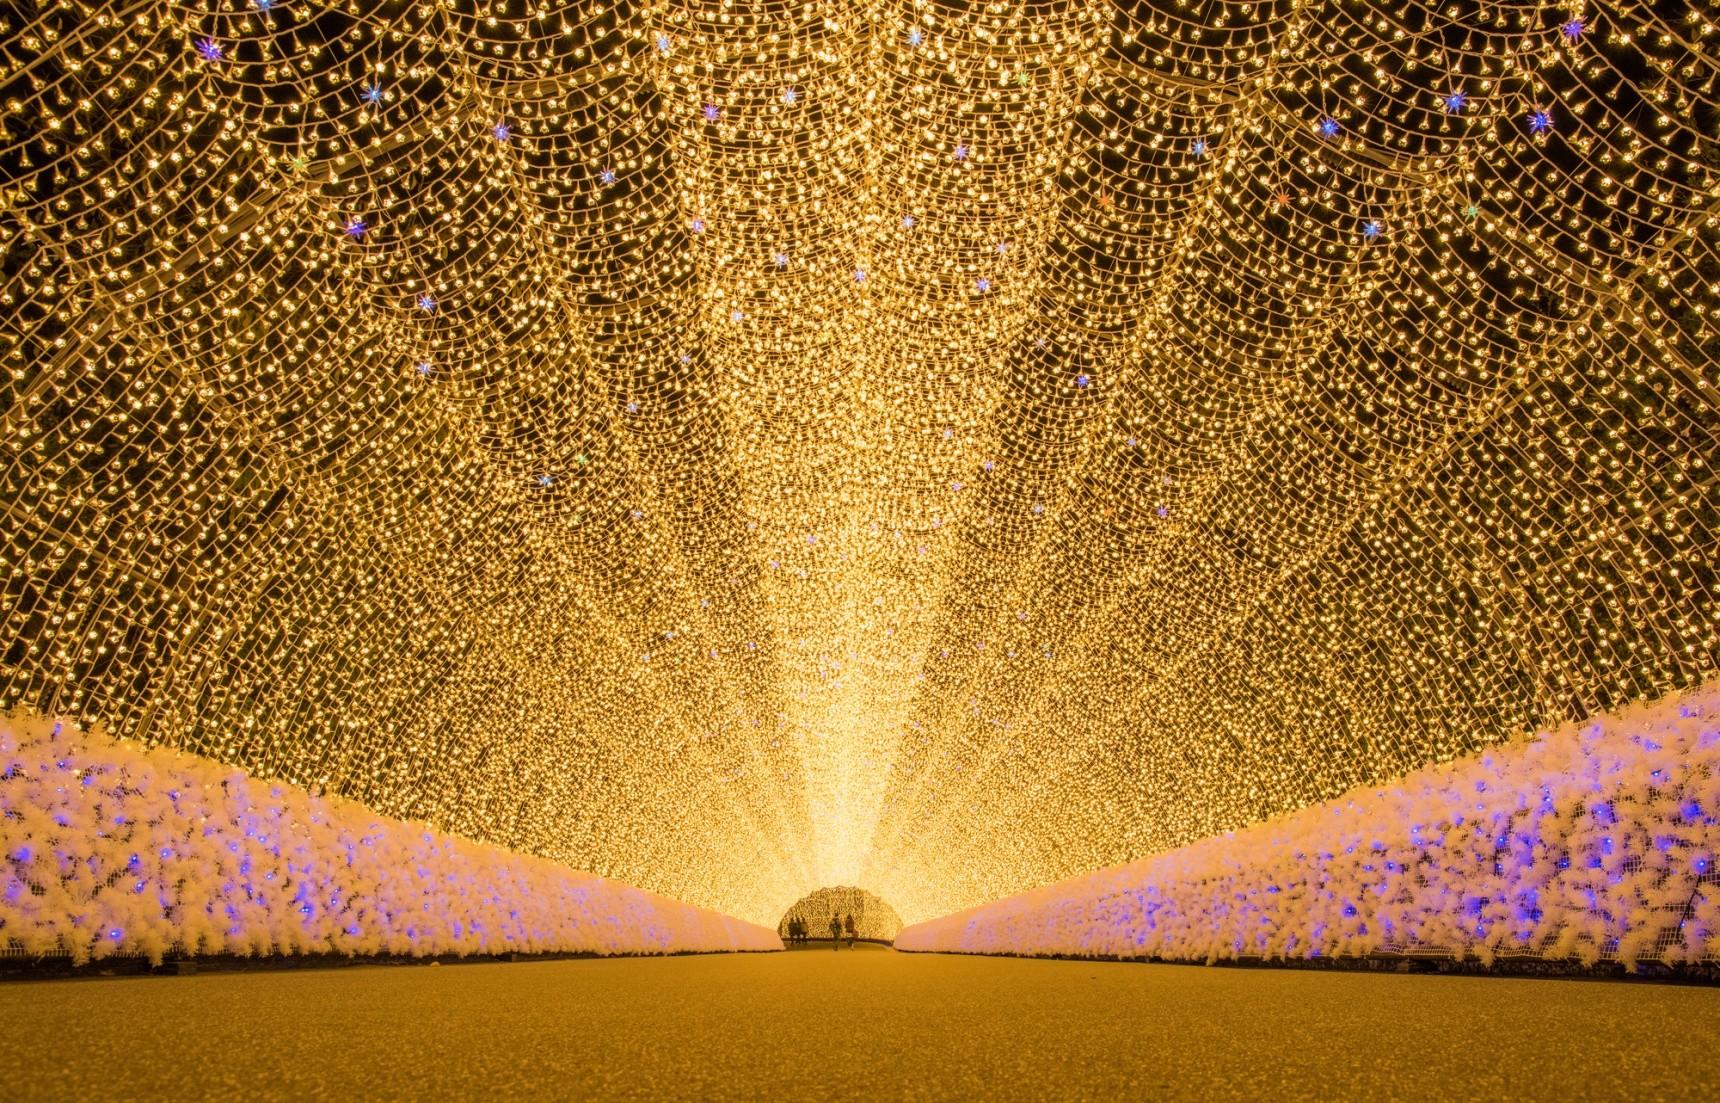 lễ hội ánh sáng màu vàng